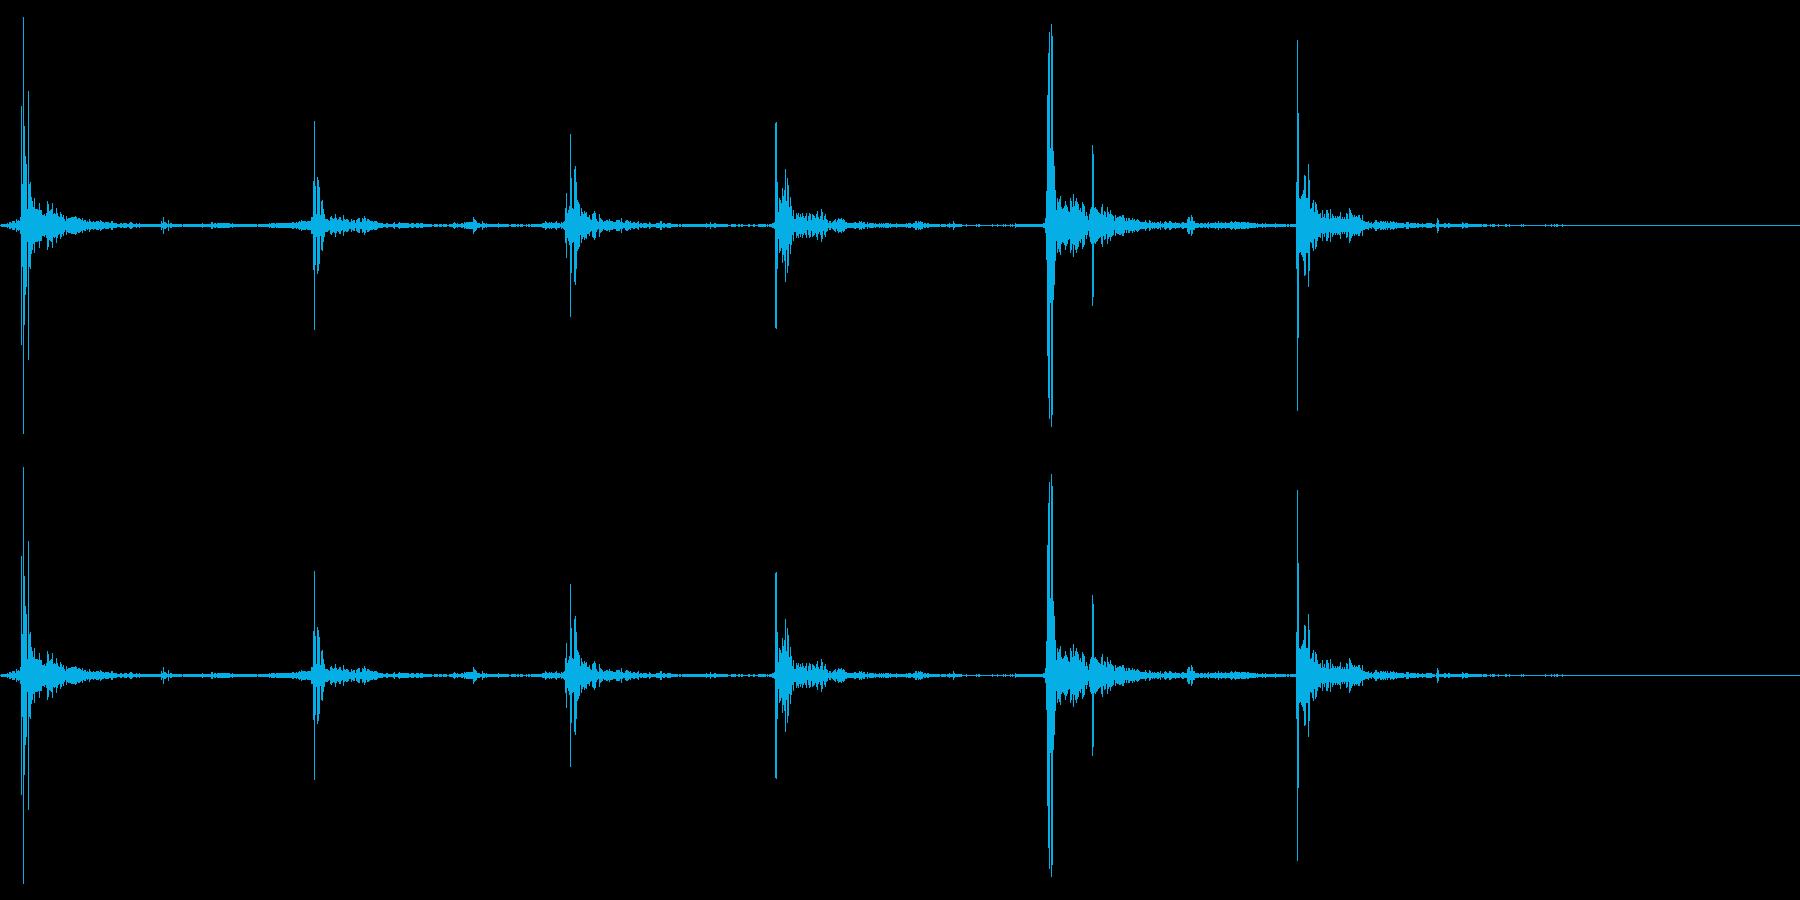 【マイク収録】パタパタと床を走る足音の再生済みの波形